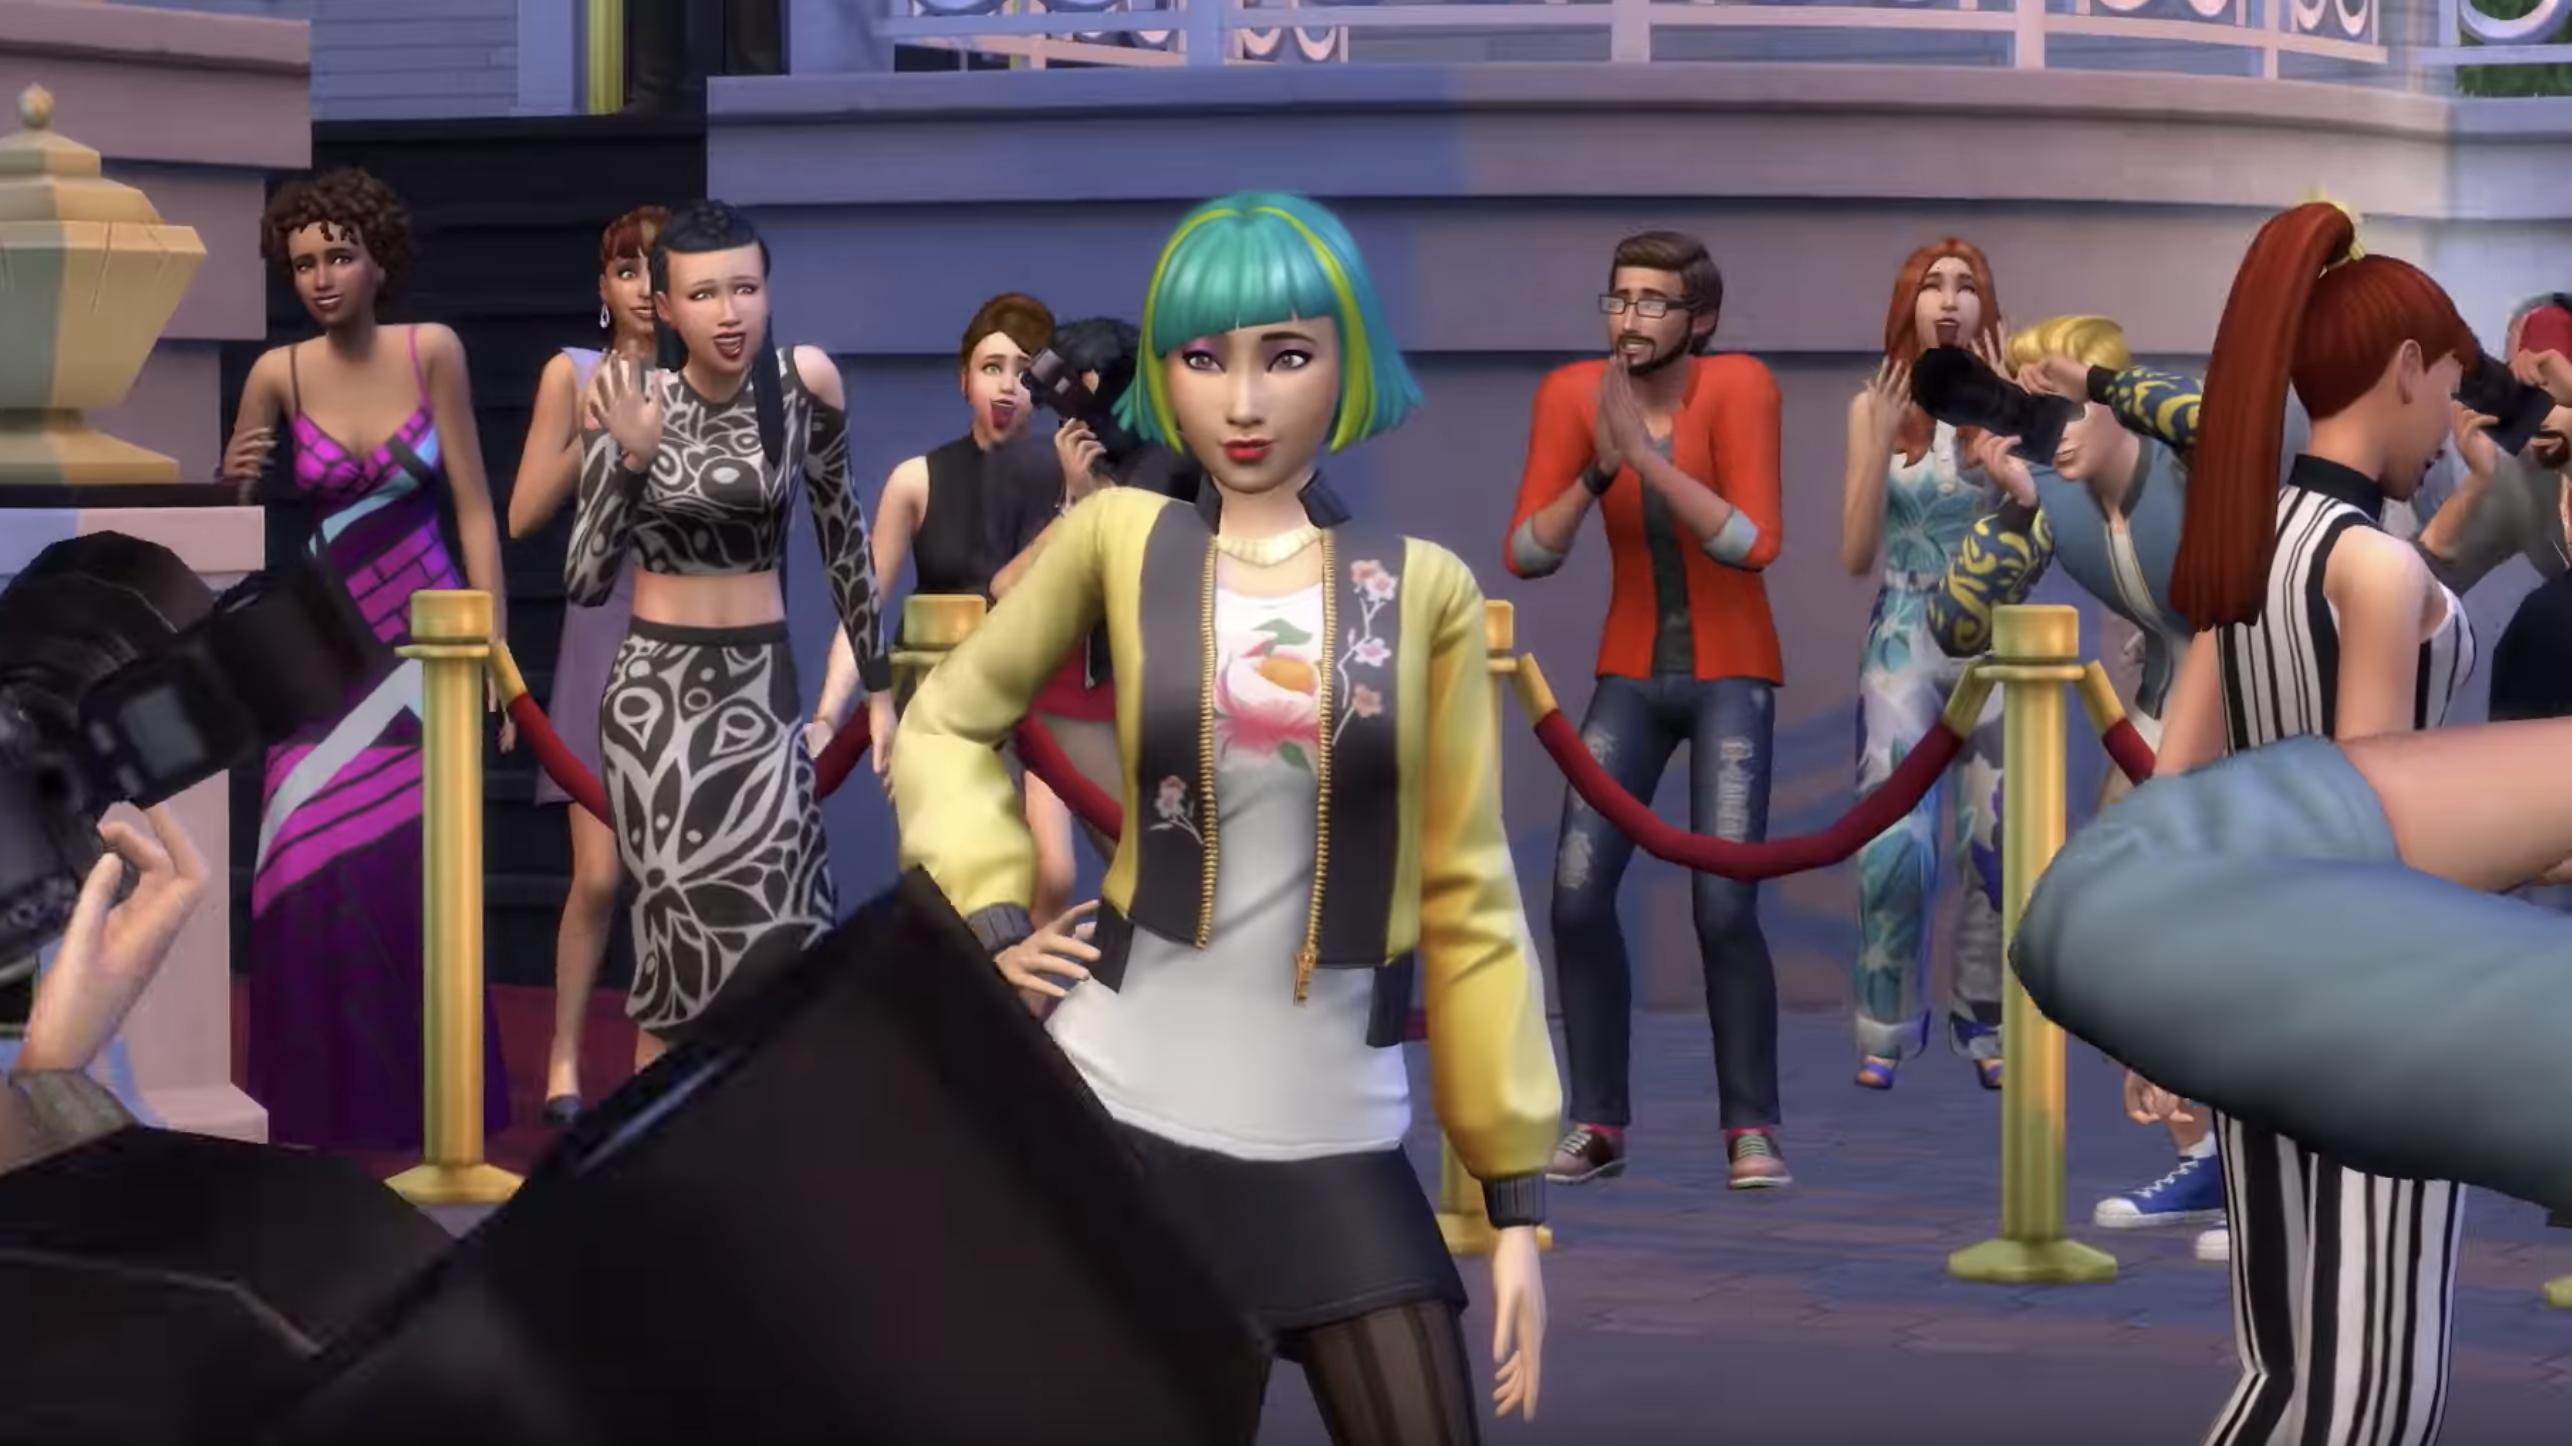 Mit Dem Die Sims 4 Erweiterungspack Werde Berühmt Wirst Du Influencer